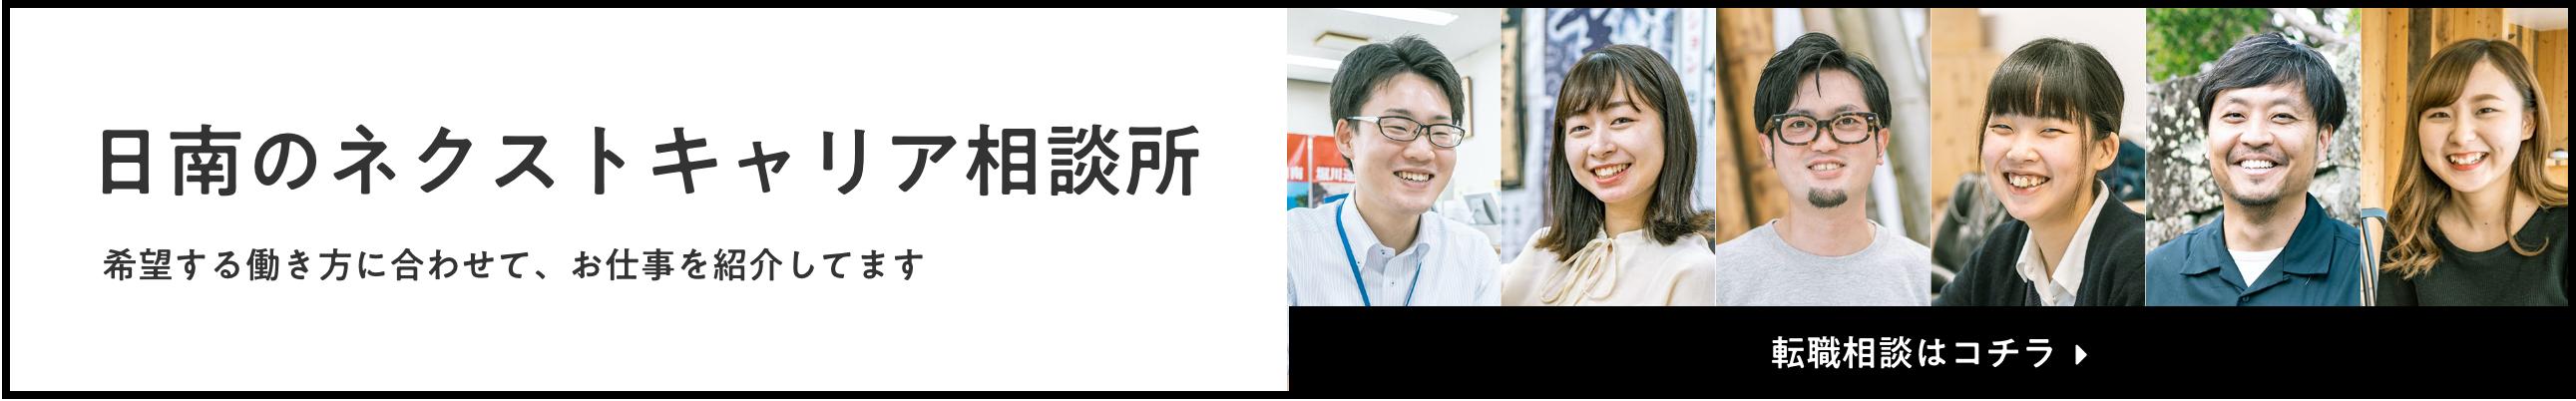 日南のネクストキャリア相談所|希望する働き方に合わせて、お仕事を紹介してます|日南しごと図鑑